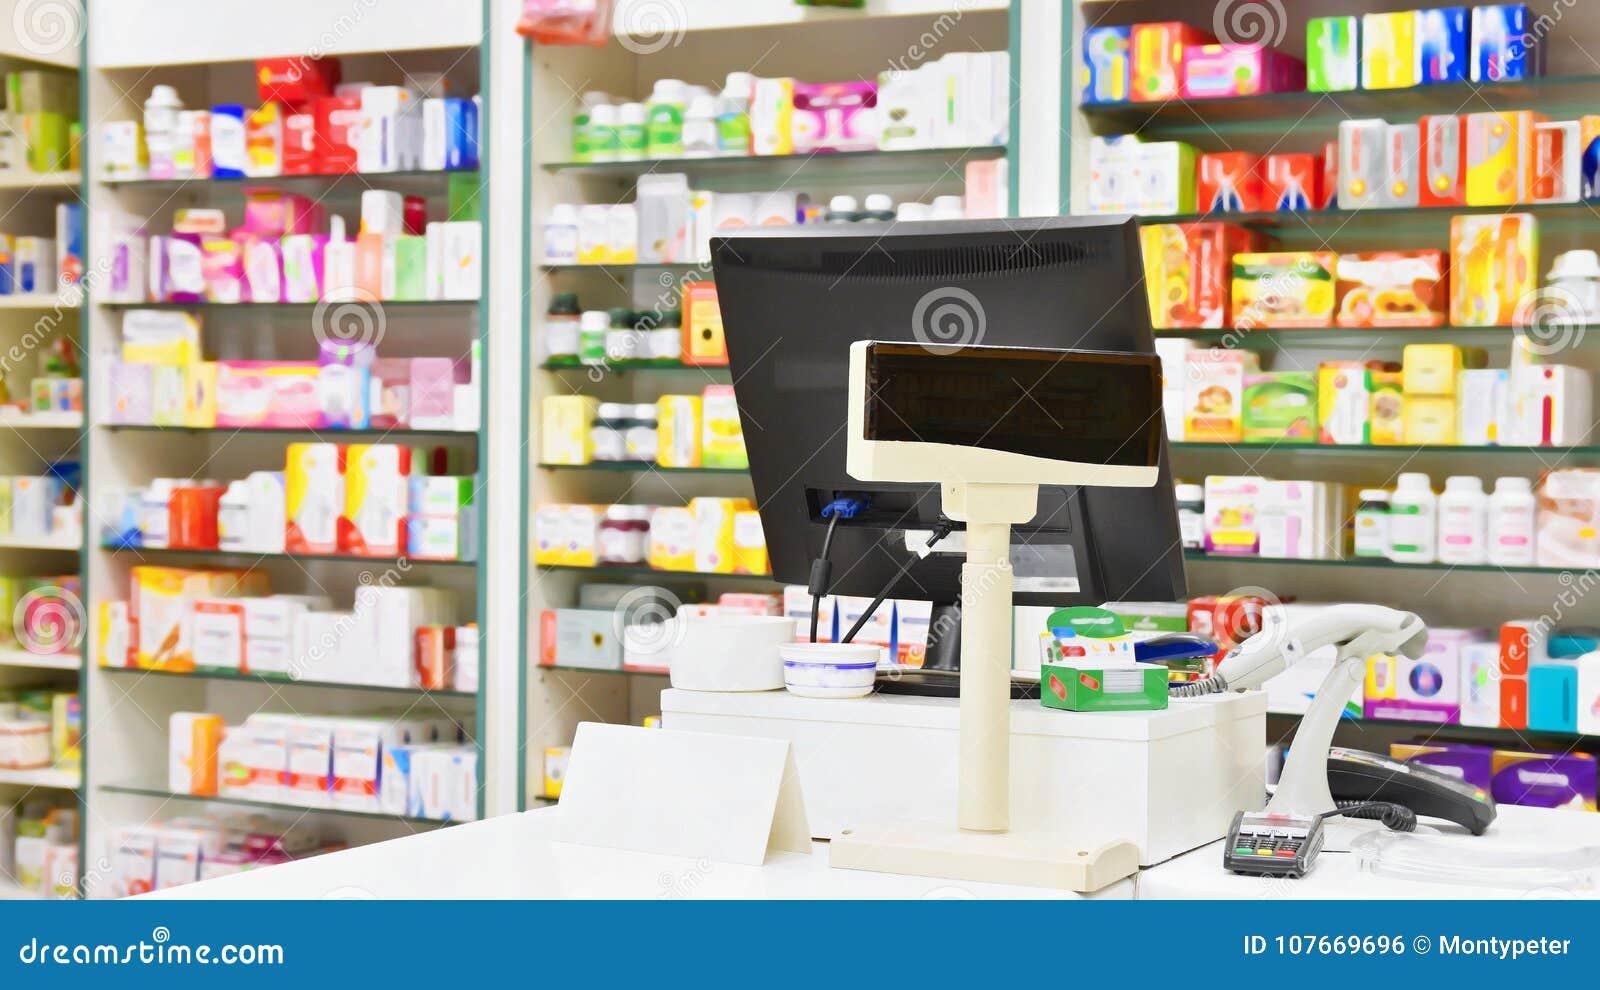 Γραφείο μετρητών - υπολογιστής και όργανο ελέγχου σε ένα φαρμακείο Εσωτερικό του φαρμάκου και του καταστήματος βιταμινών Φάρμακα